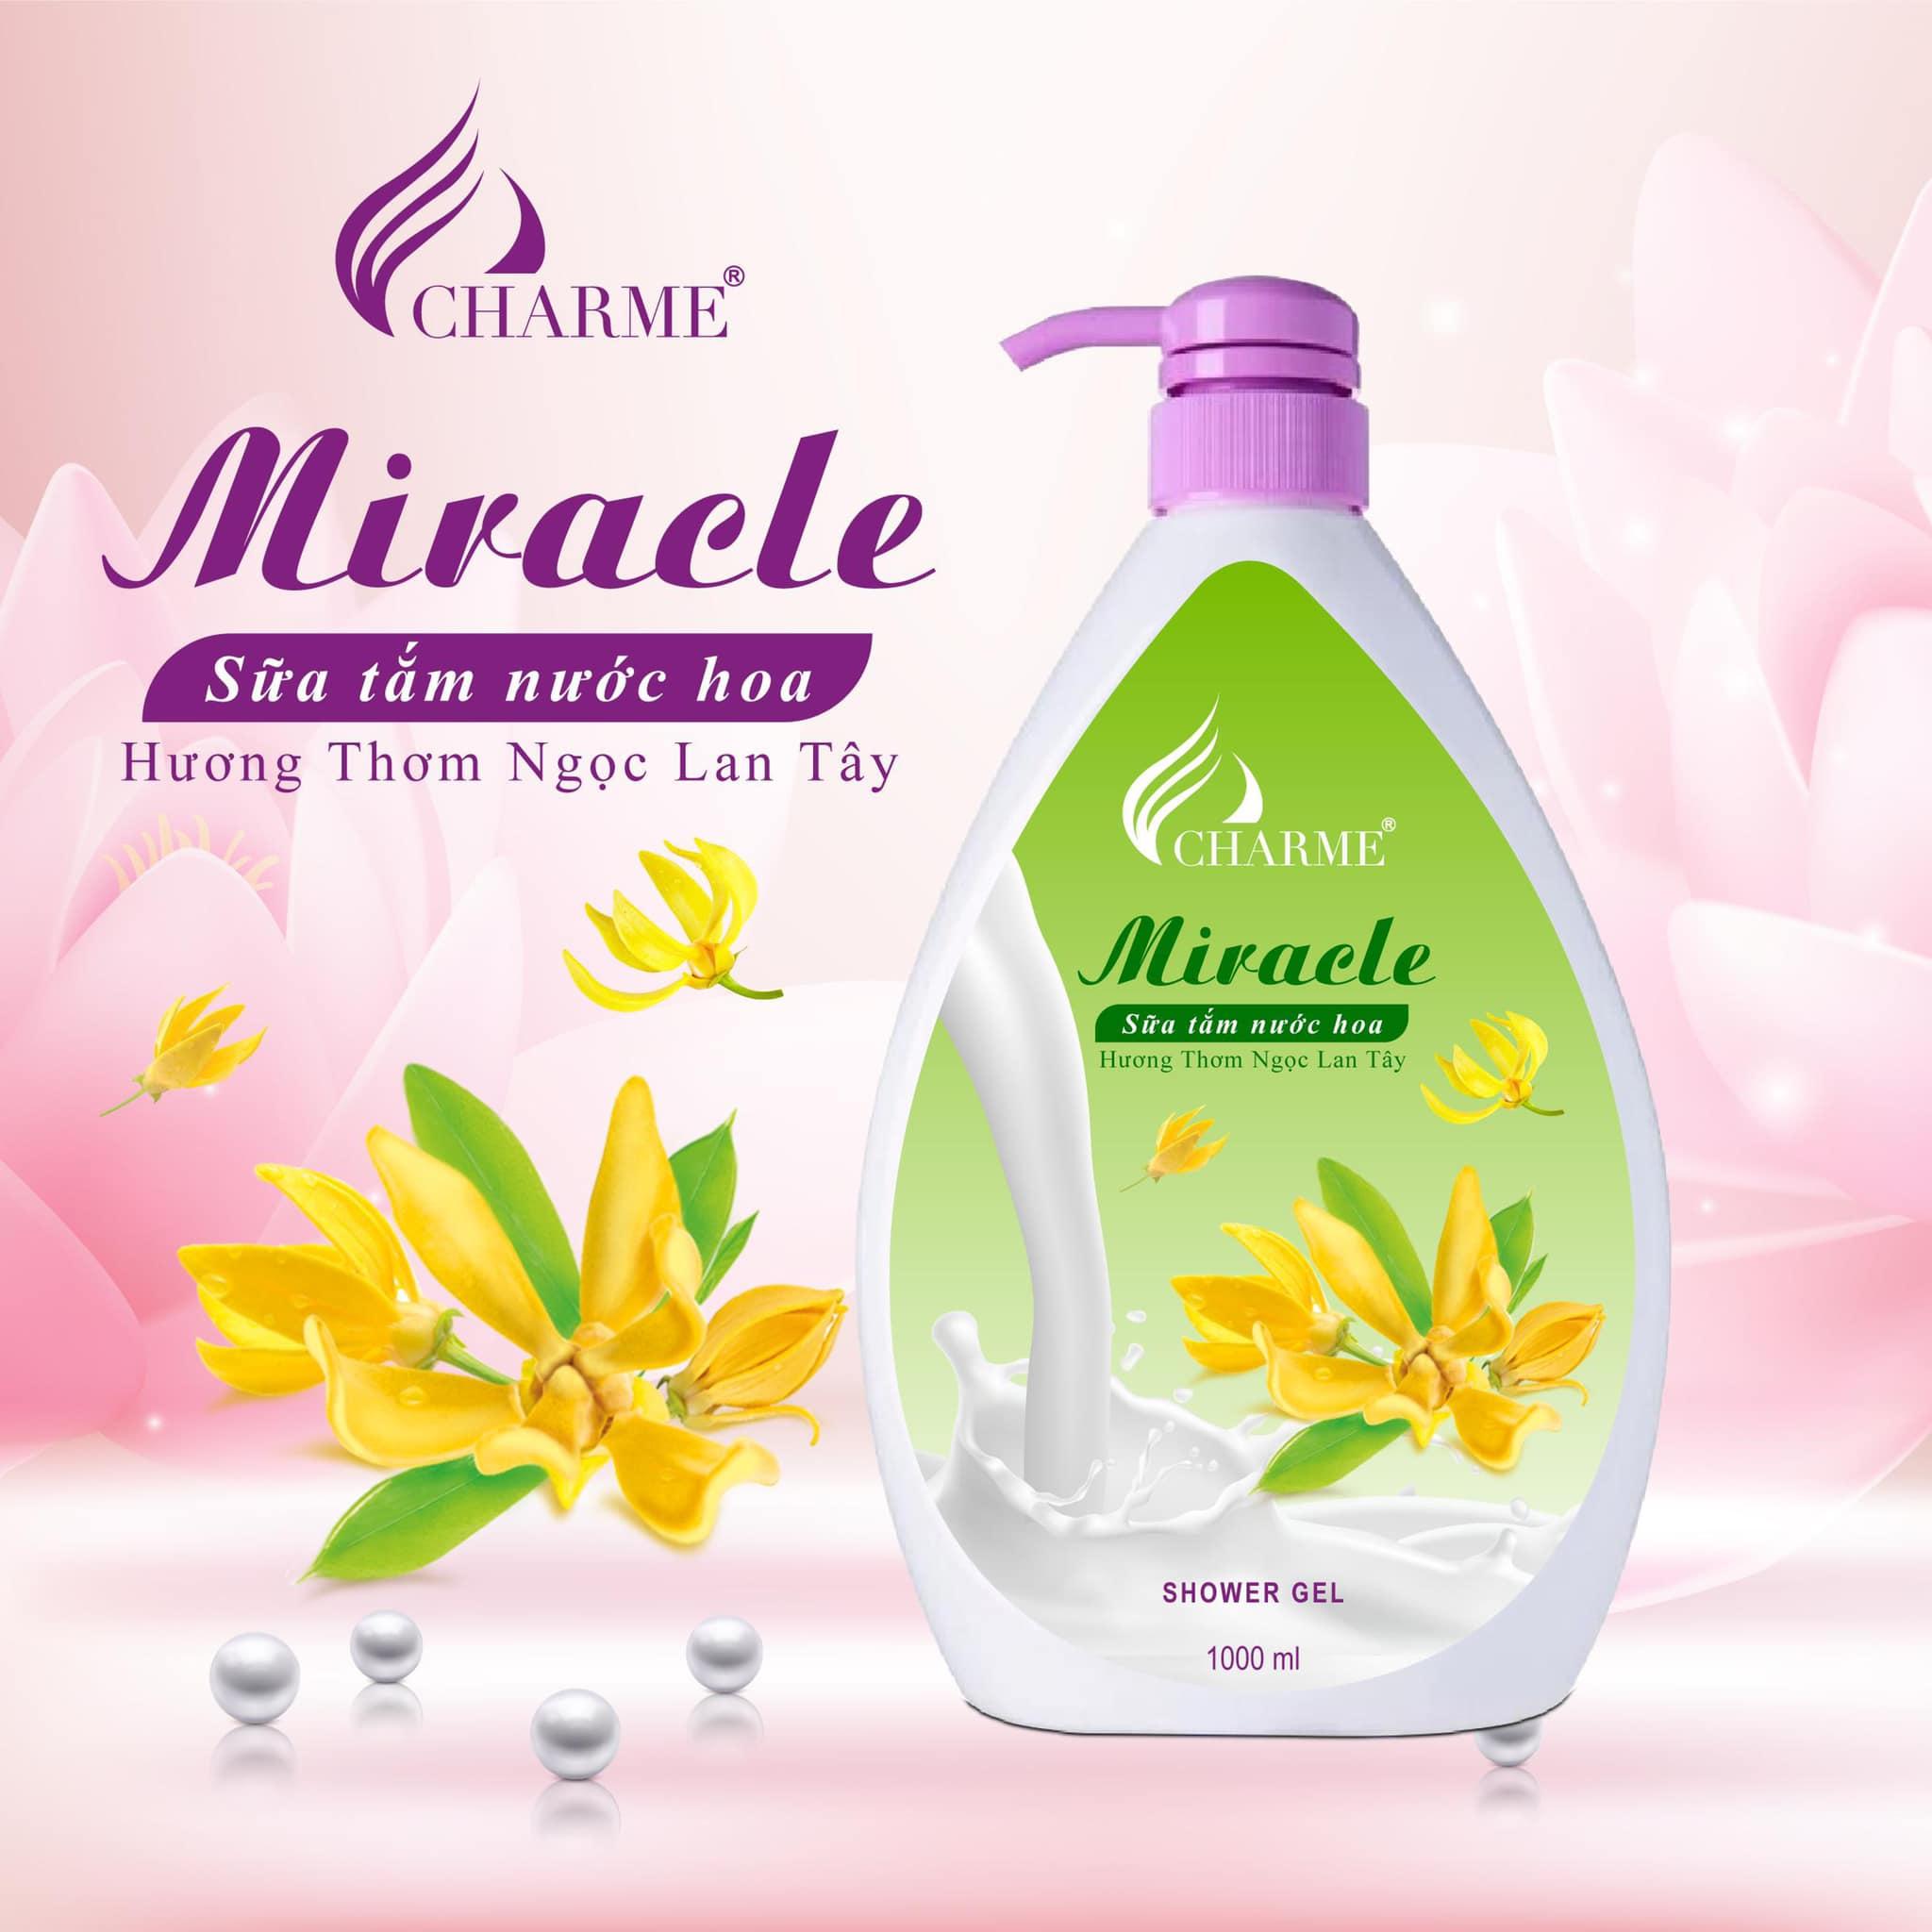 Sữa Tắm Nước Hoa Charme Miracle 1000ml Cho Nữ Chính Hãng✅Tặng Quà Hot